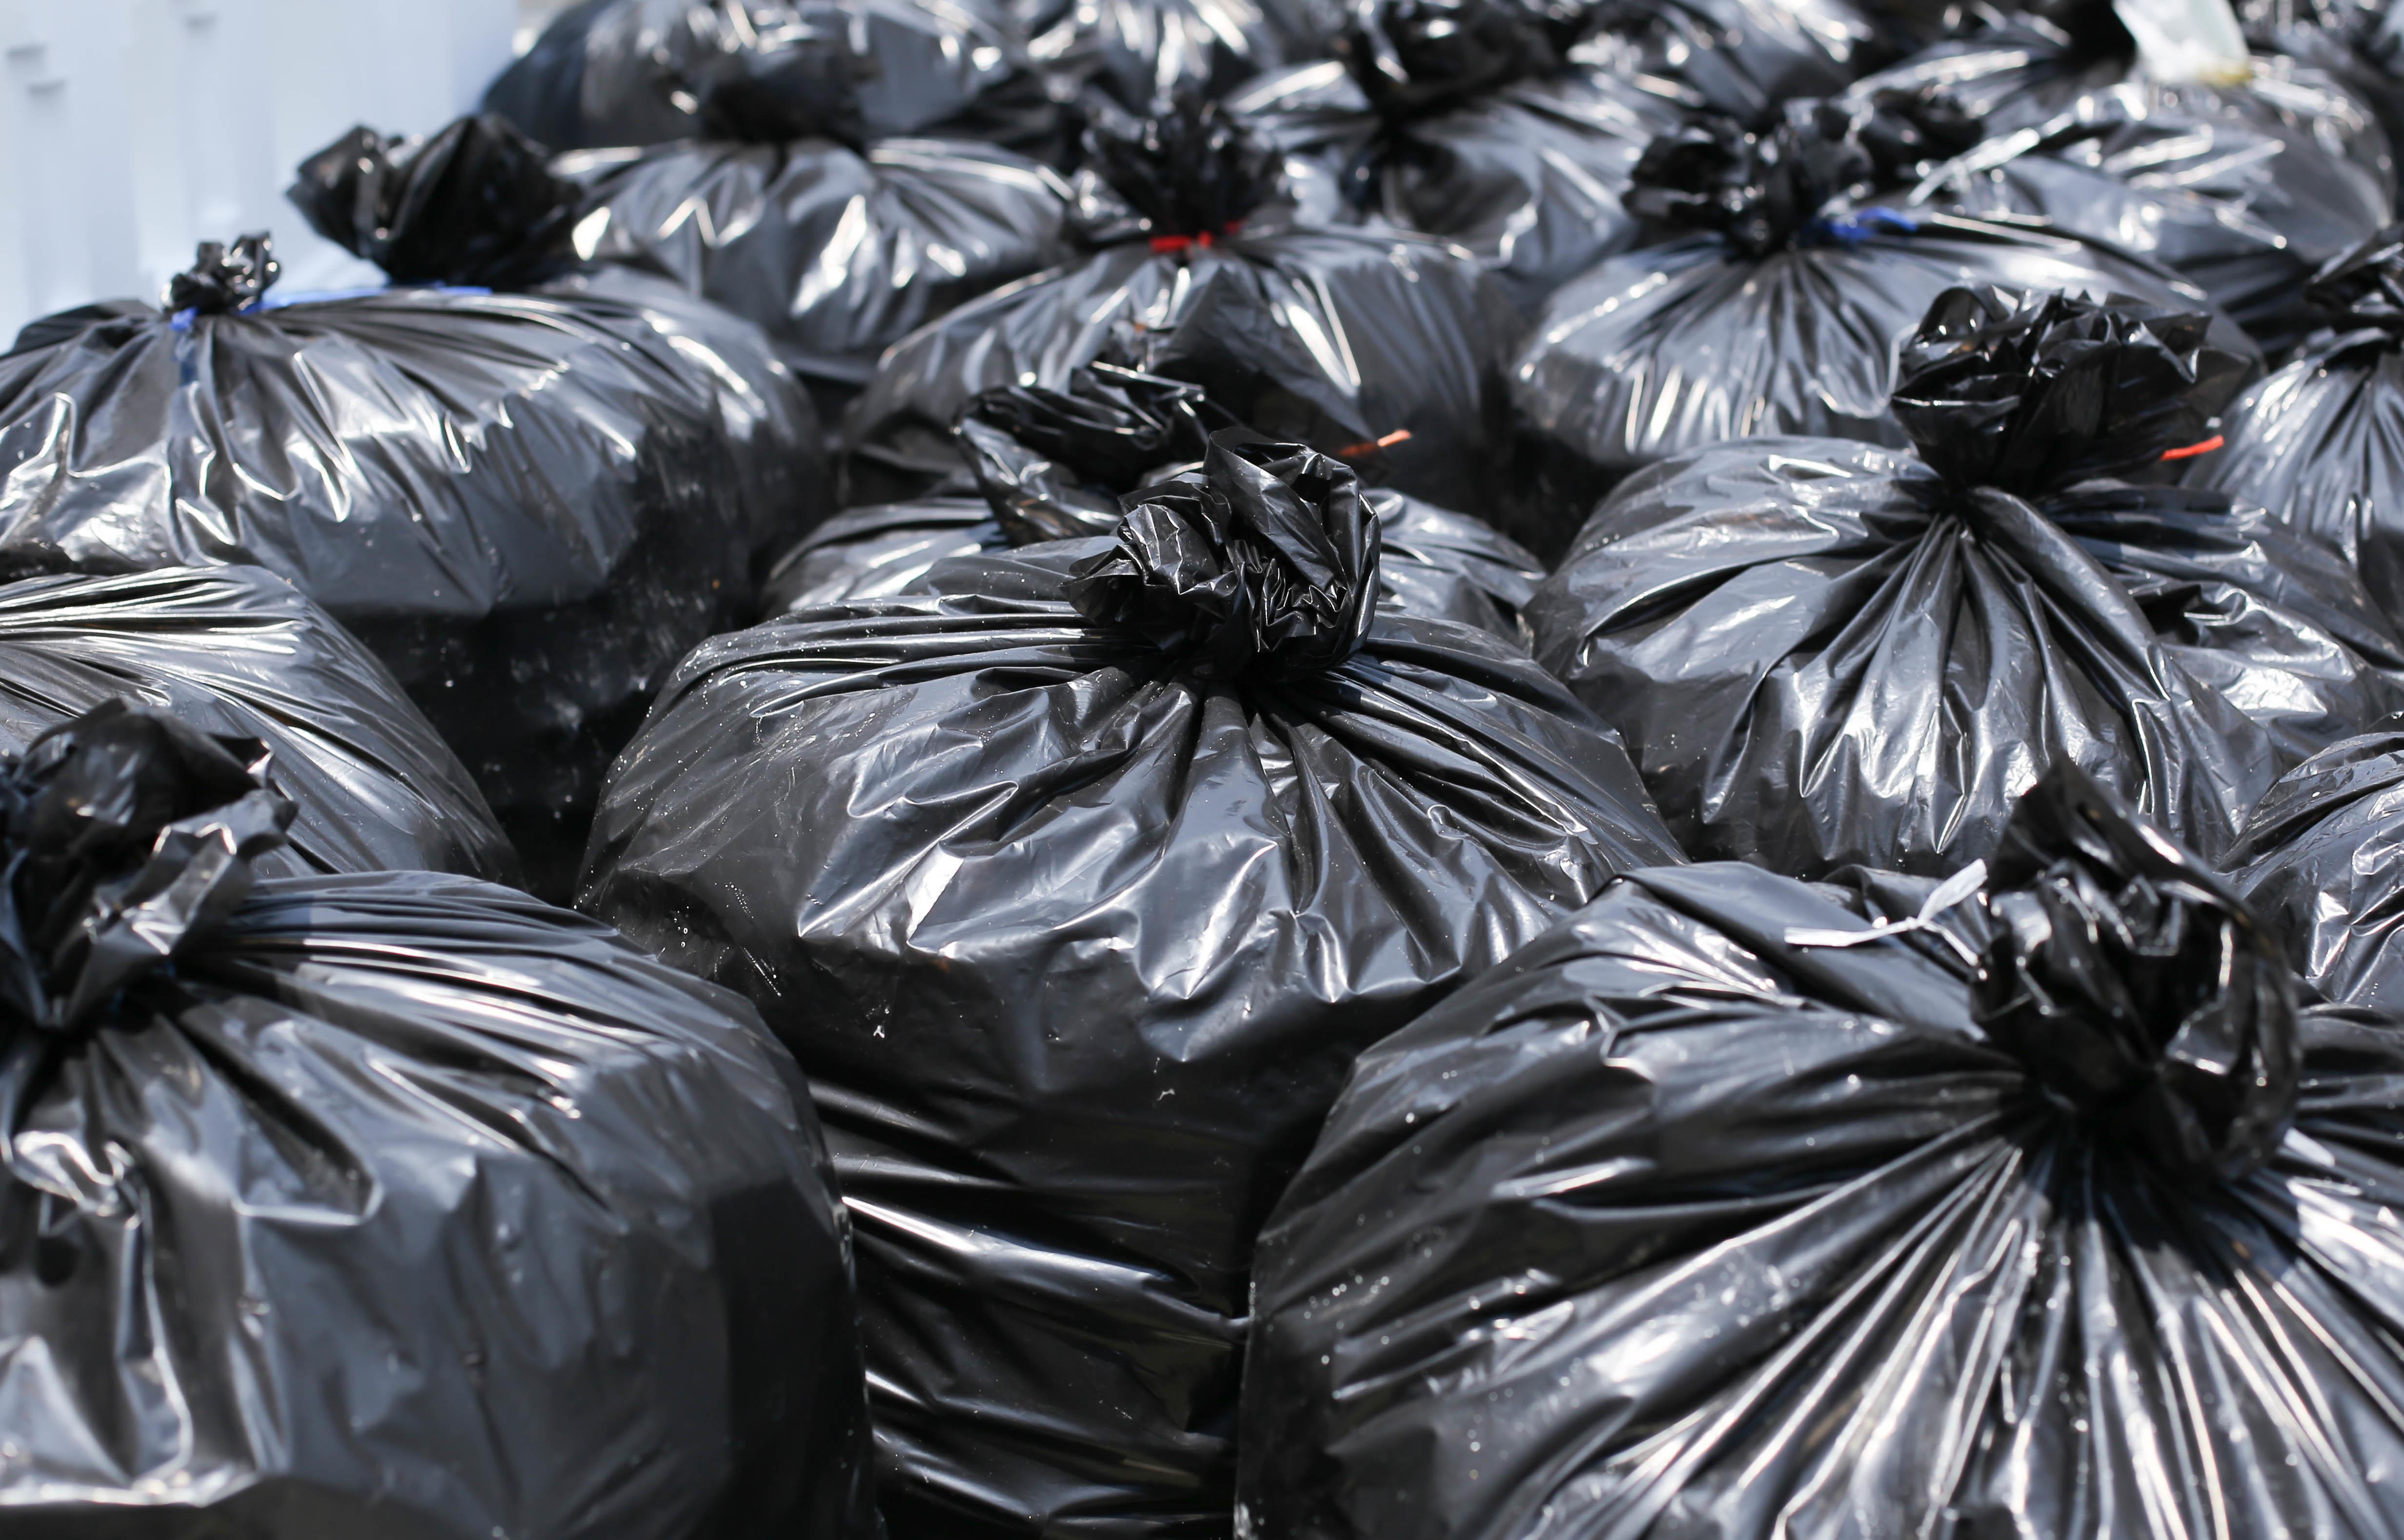 Article image for Garbage bag sales skyrocket after supermarket plastic bag ban